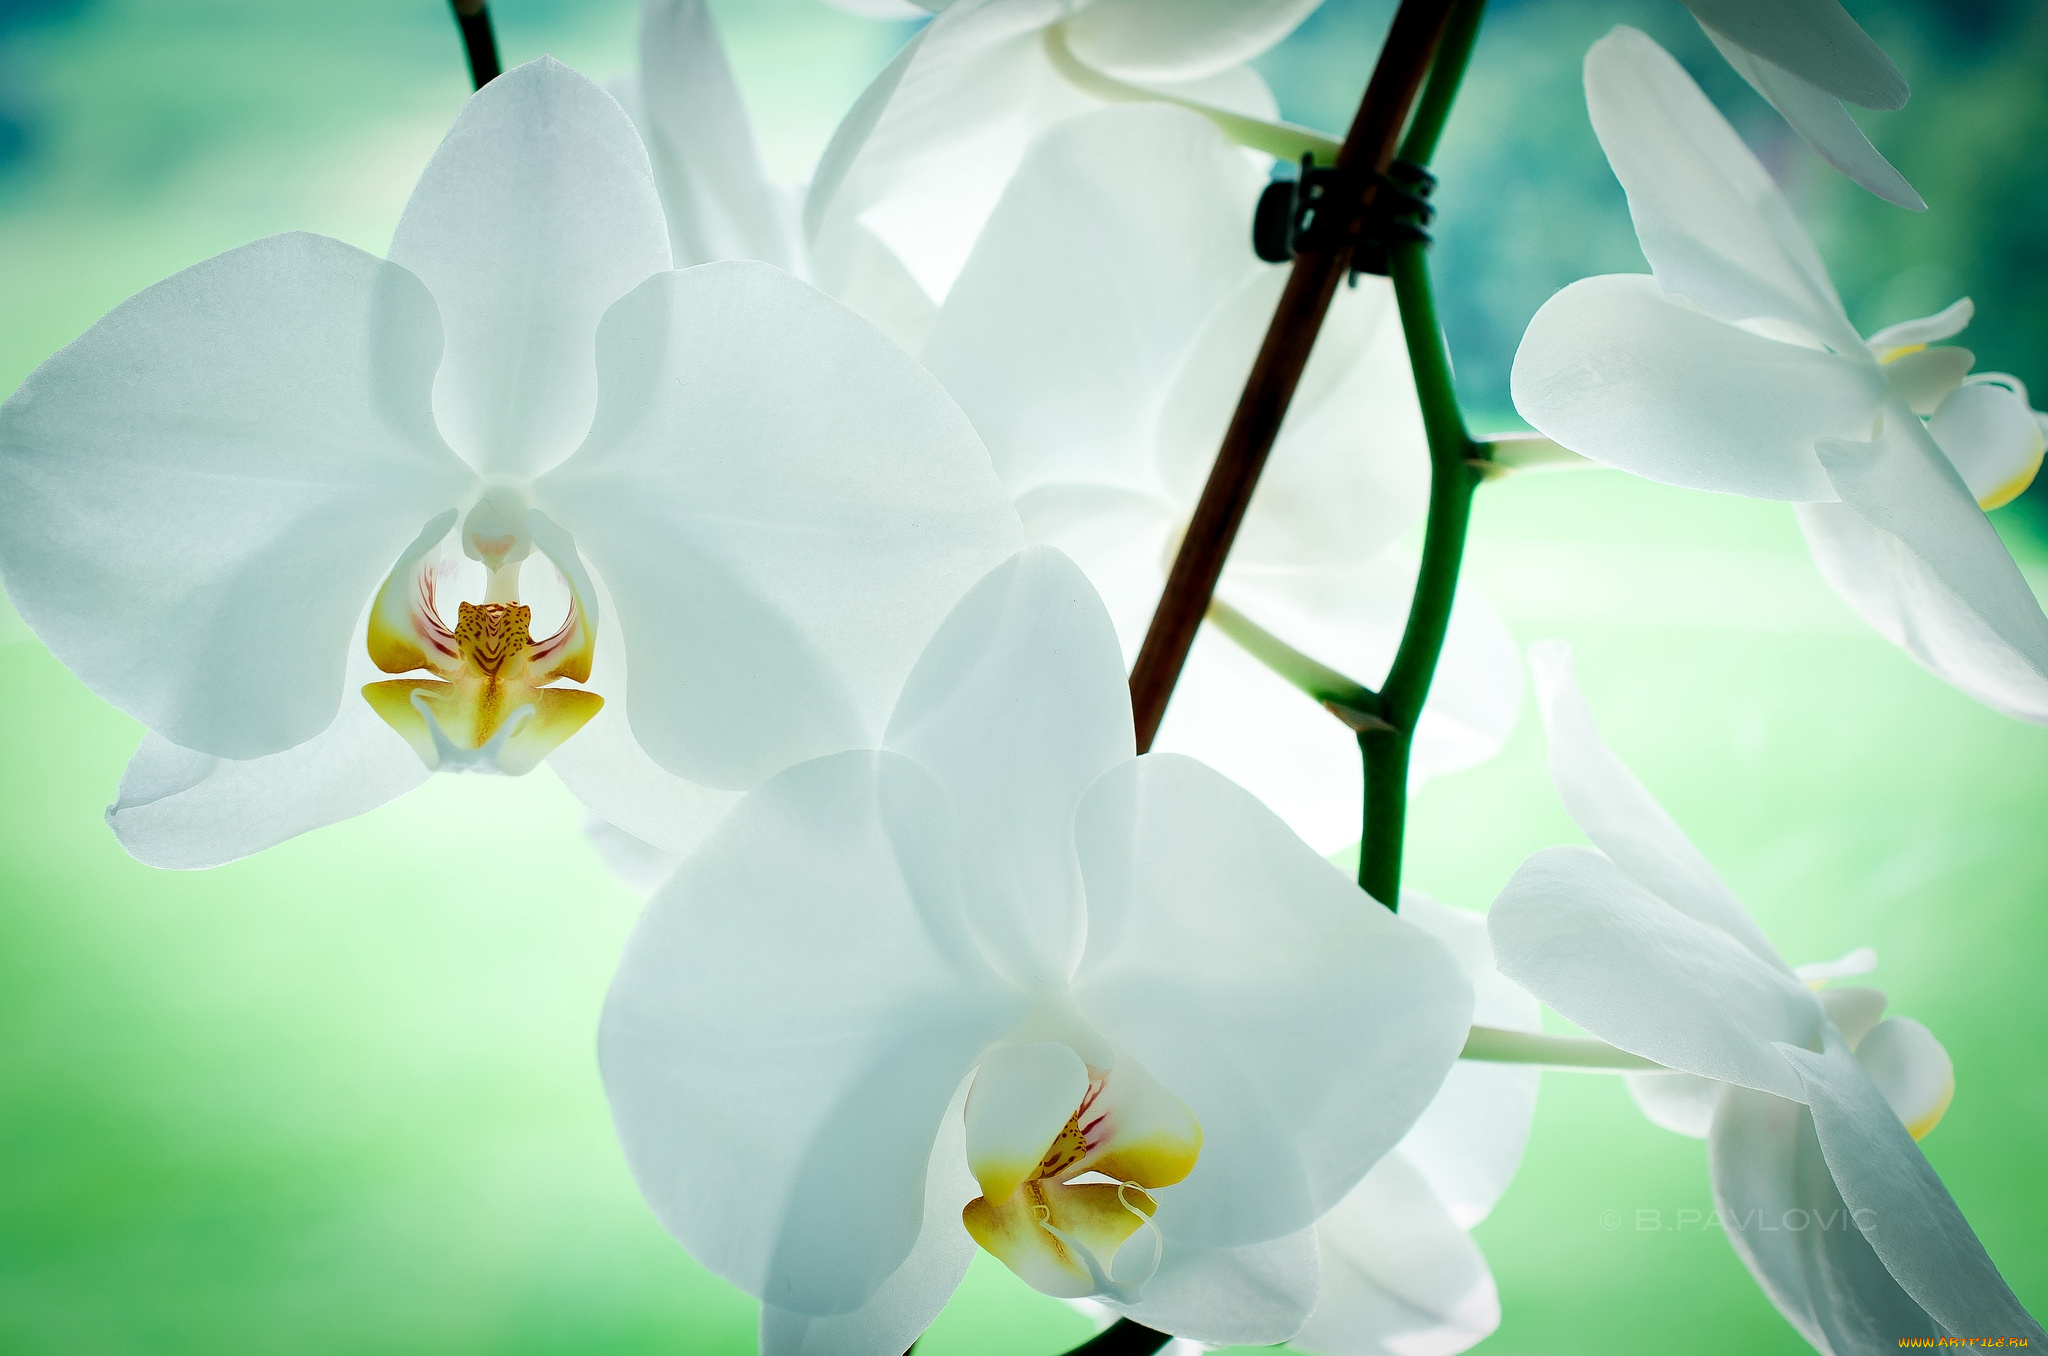 природа цветы белые орхидея nature flowers white Orchid скачать